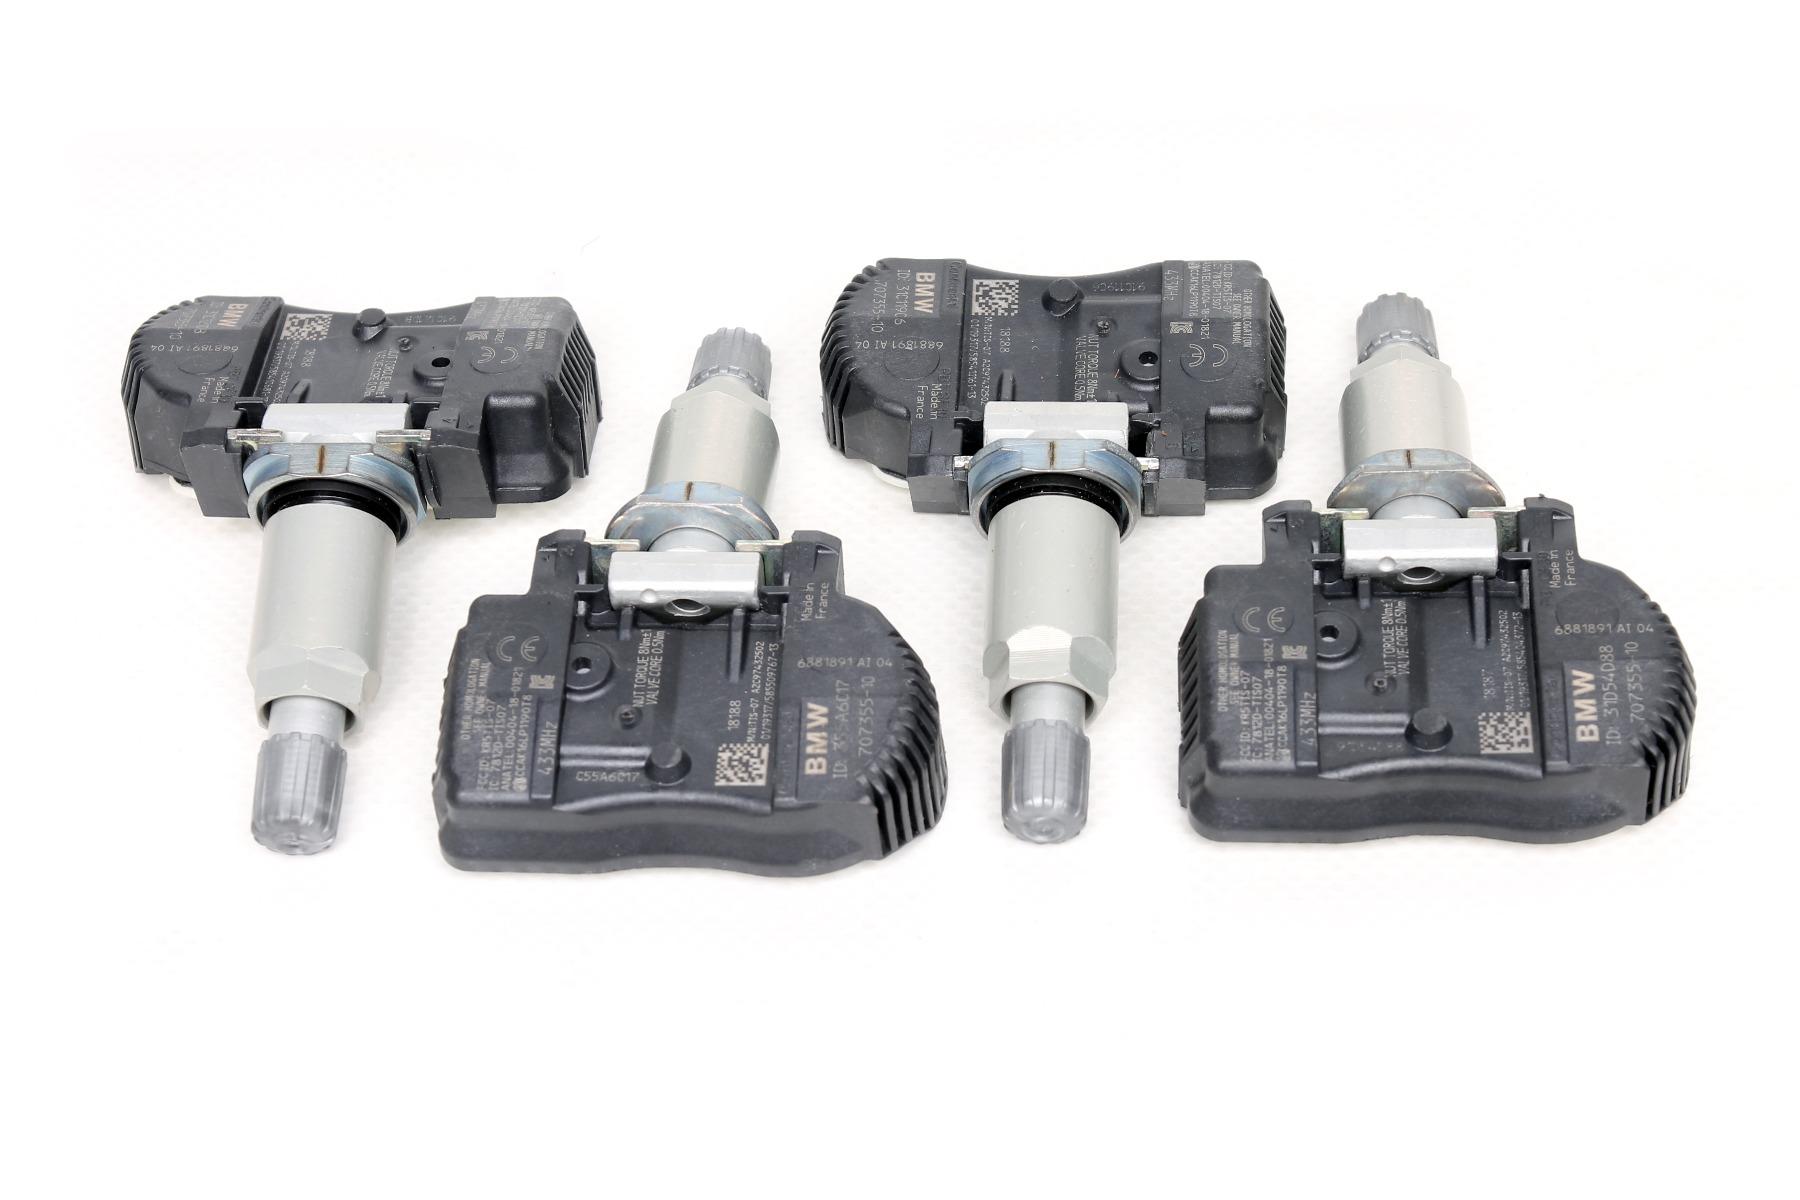 NUOVO 4 x ORIGINAL BMW Rdci RDC Rdk sensori 3er f30 f31 4er f32 f33 f36 6881891